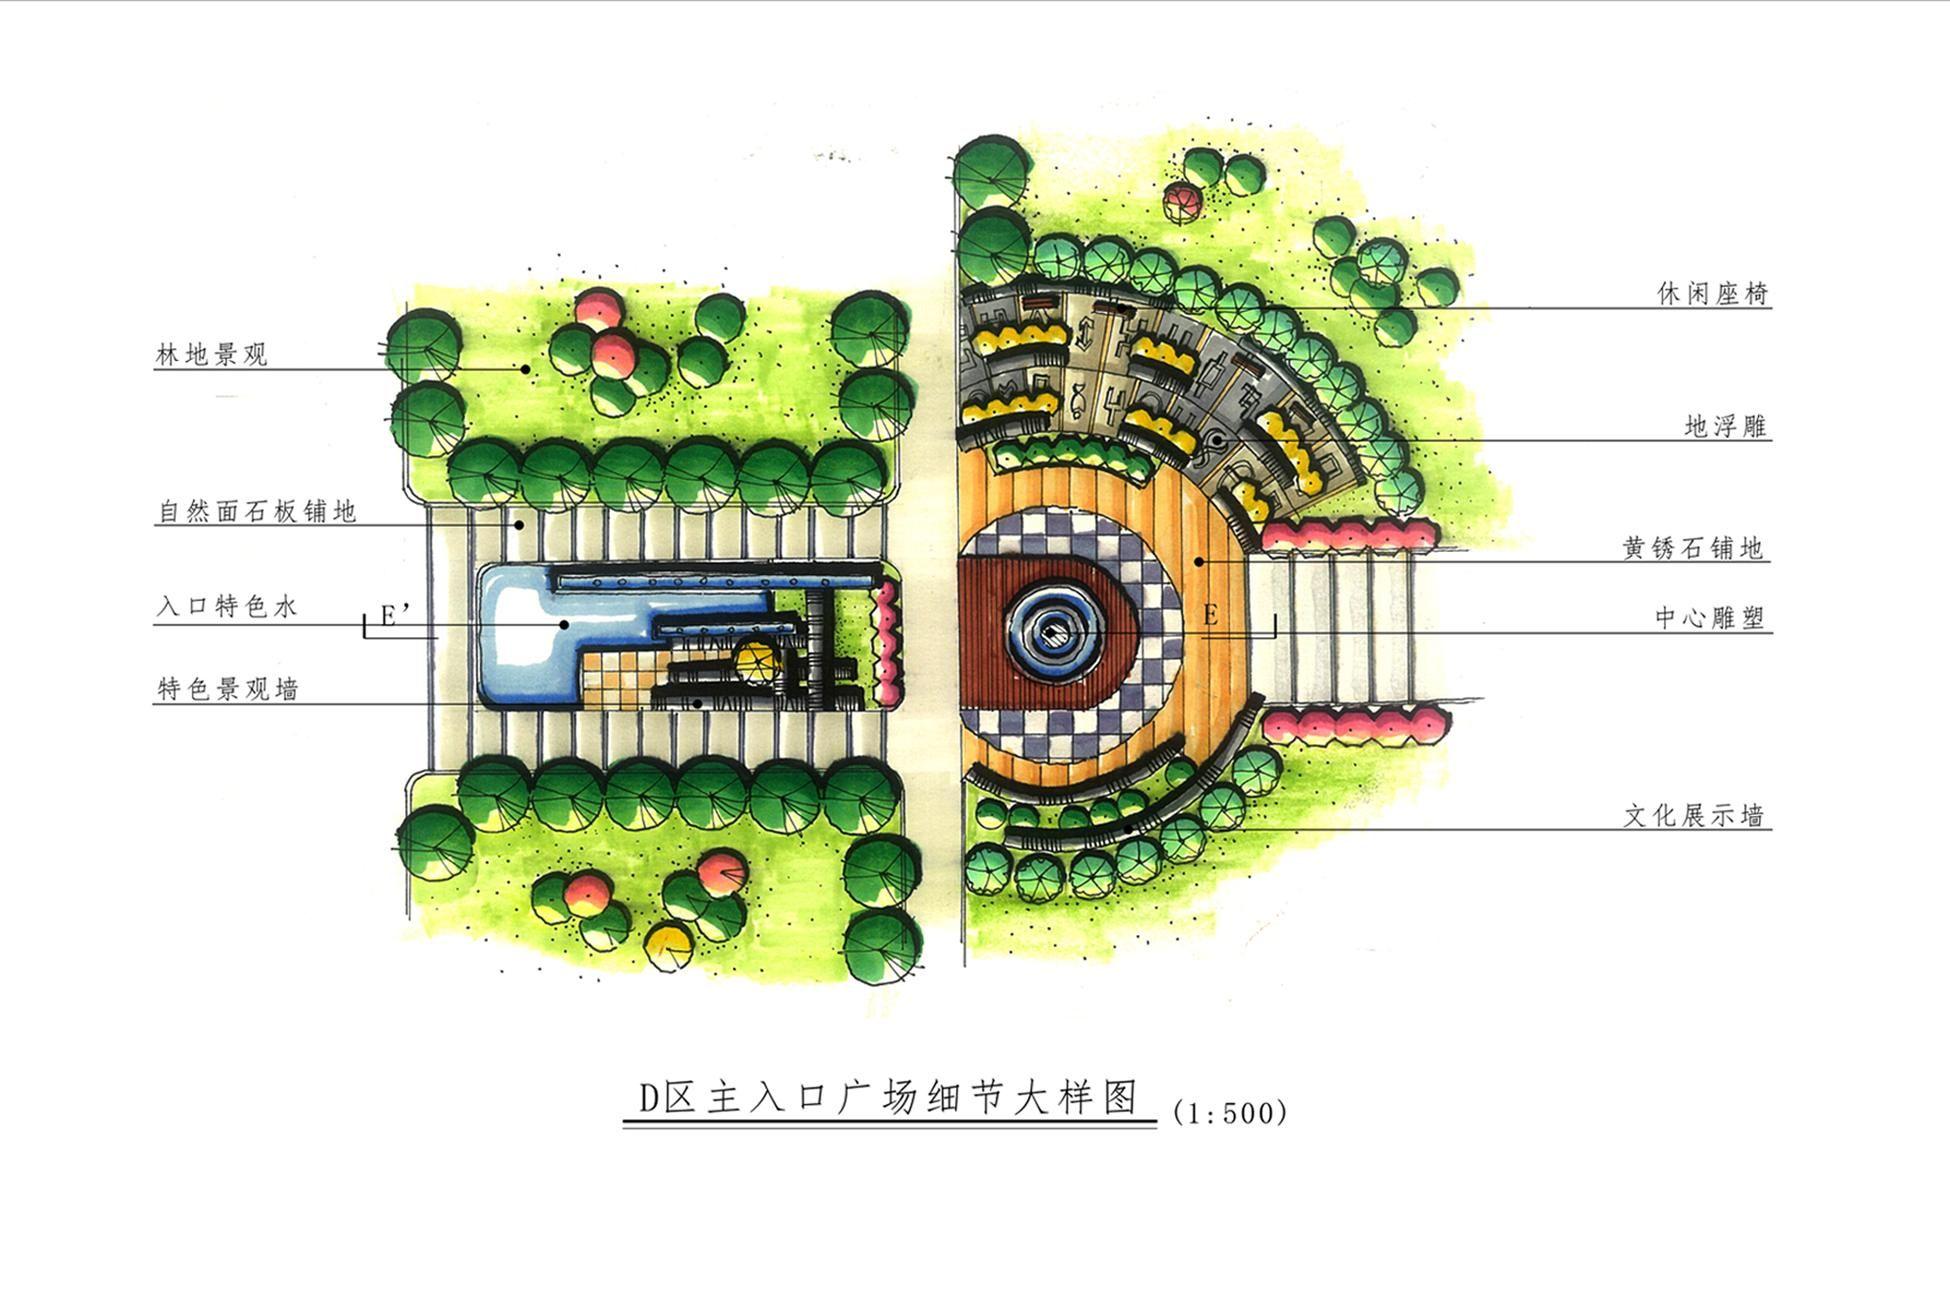 景观手绘平面图-手绘景观平面图-设计案例 - 设计师汪